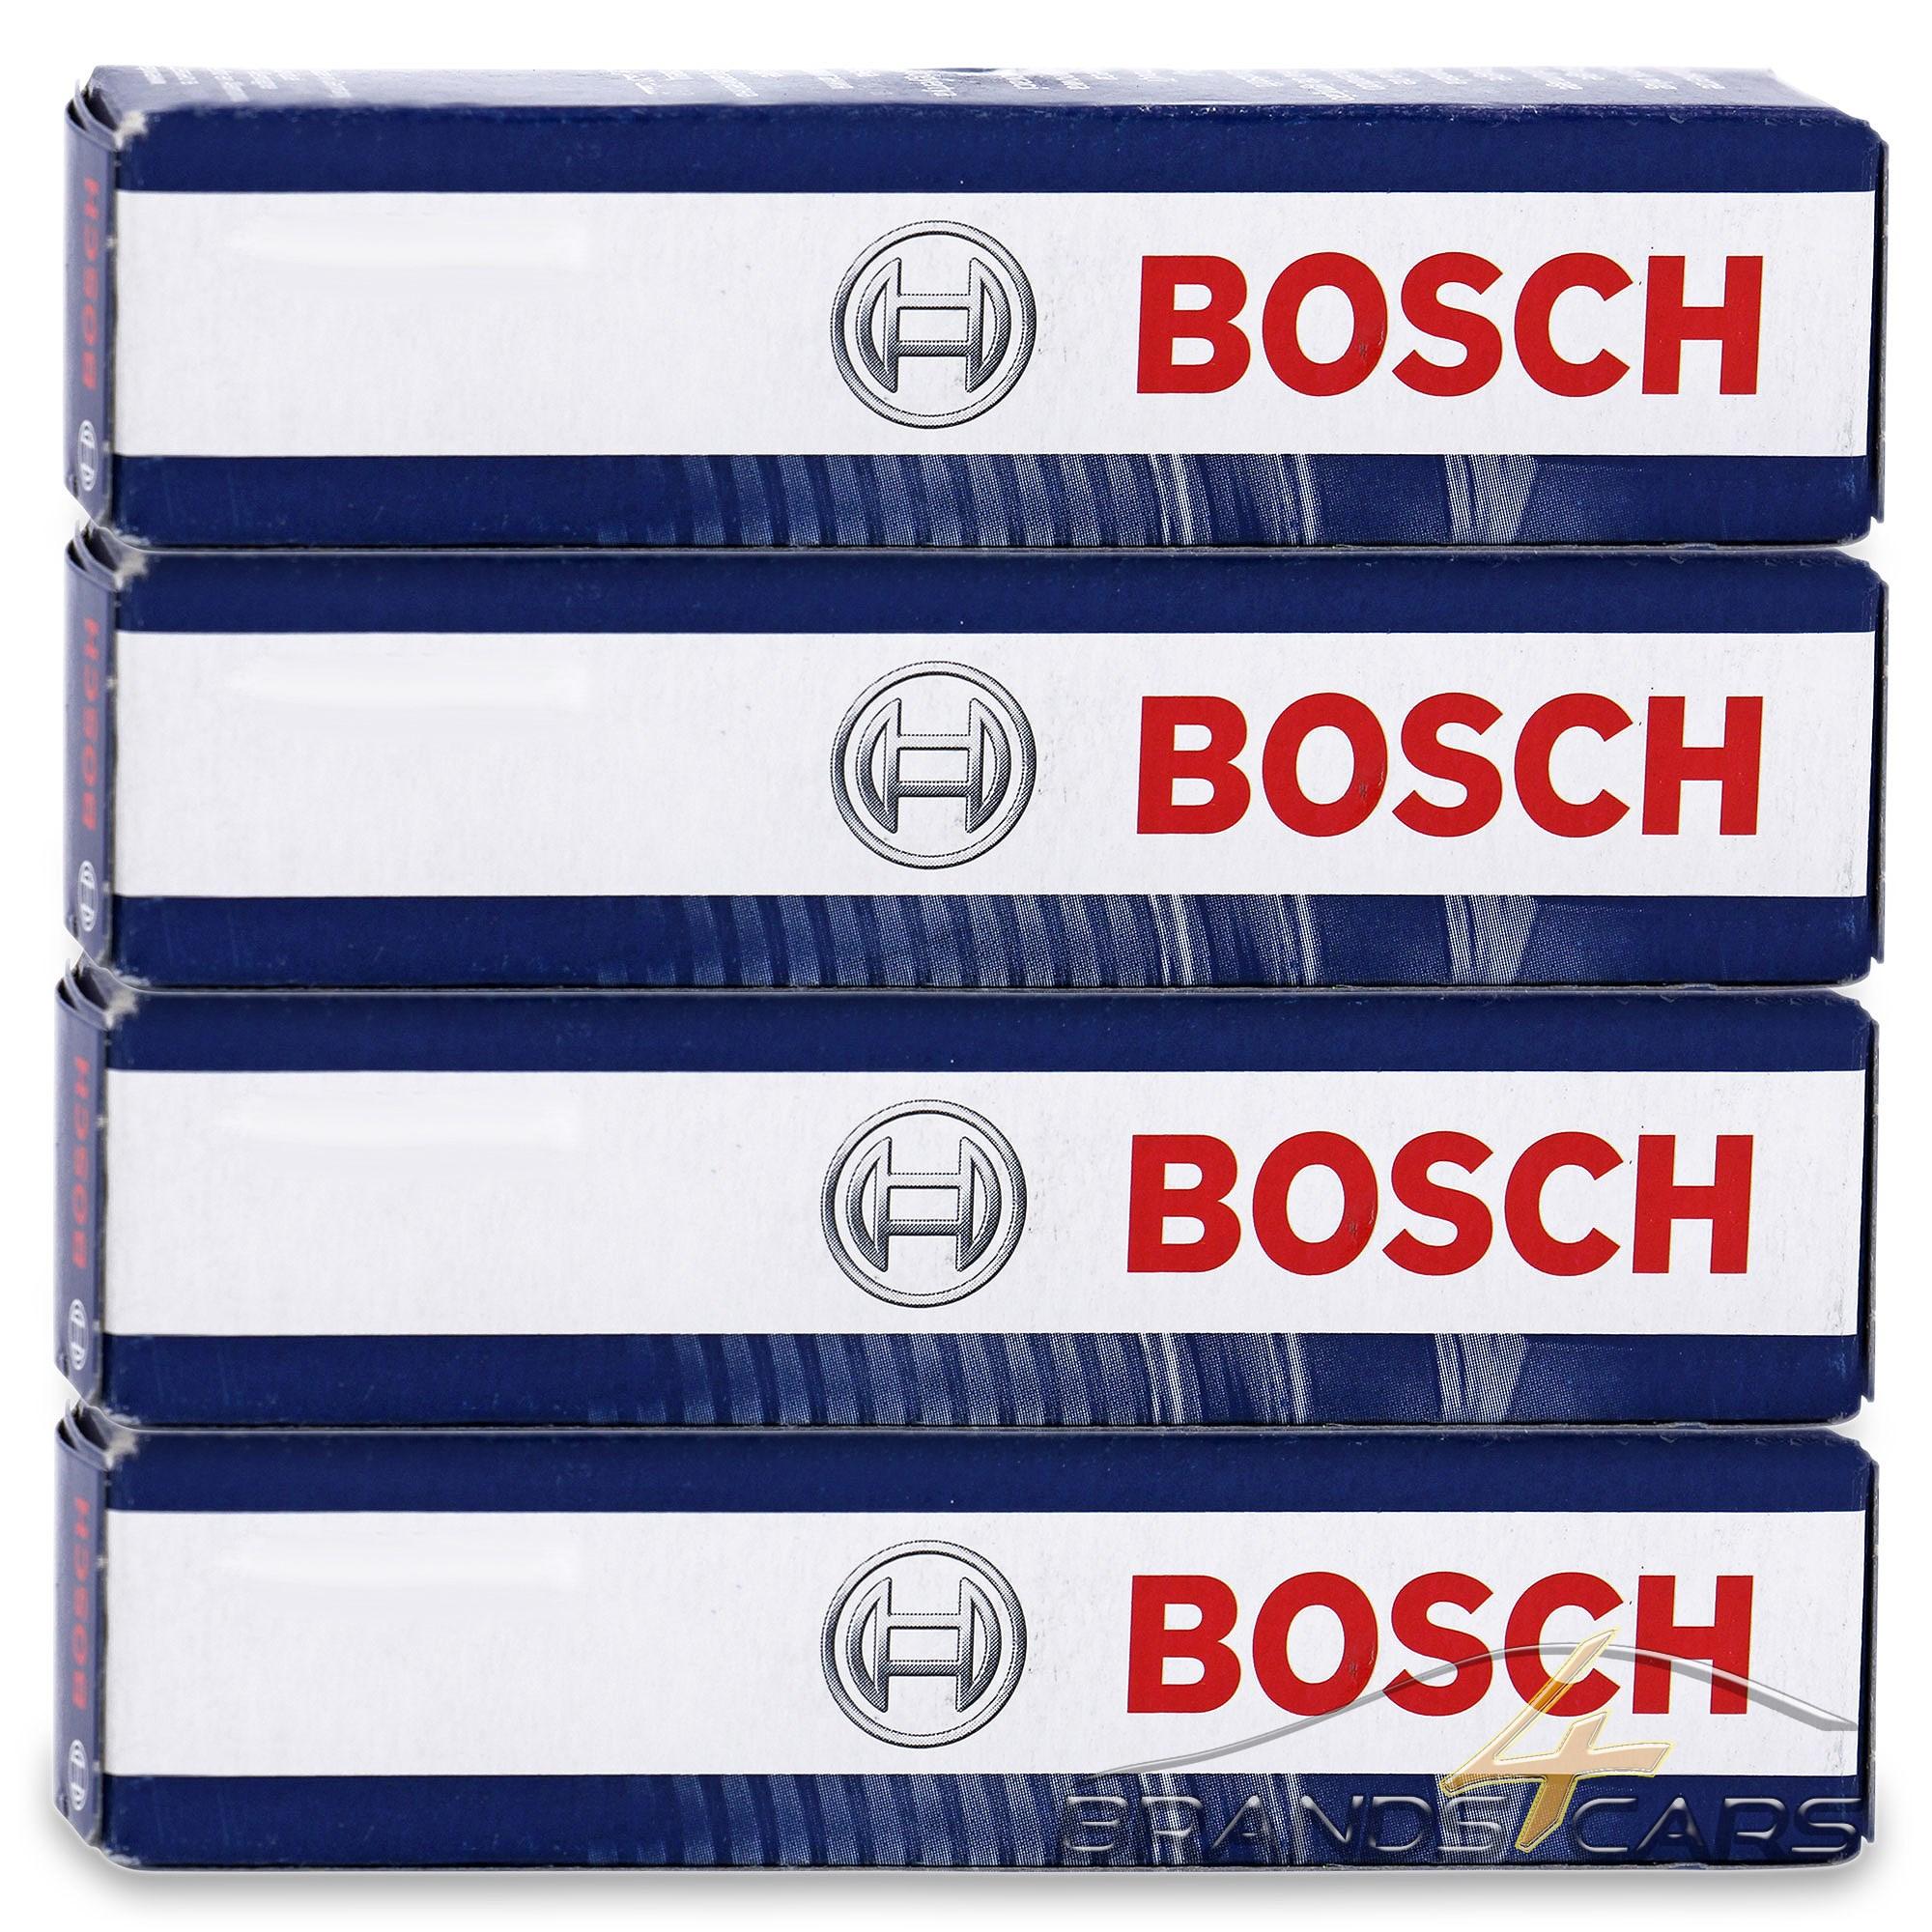 4x-original-Bosch-bujia-Fiat-Seicento-1-1-00-10-Stilo-1-6-1-8-Strada-1-2 miniatura 5